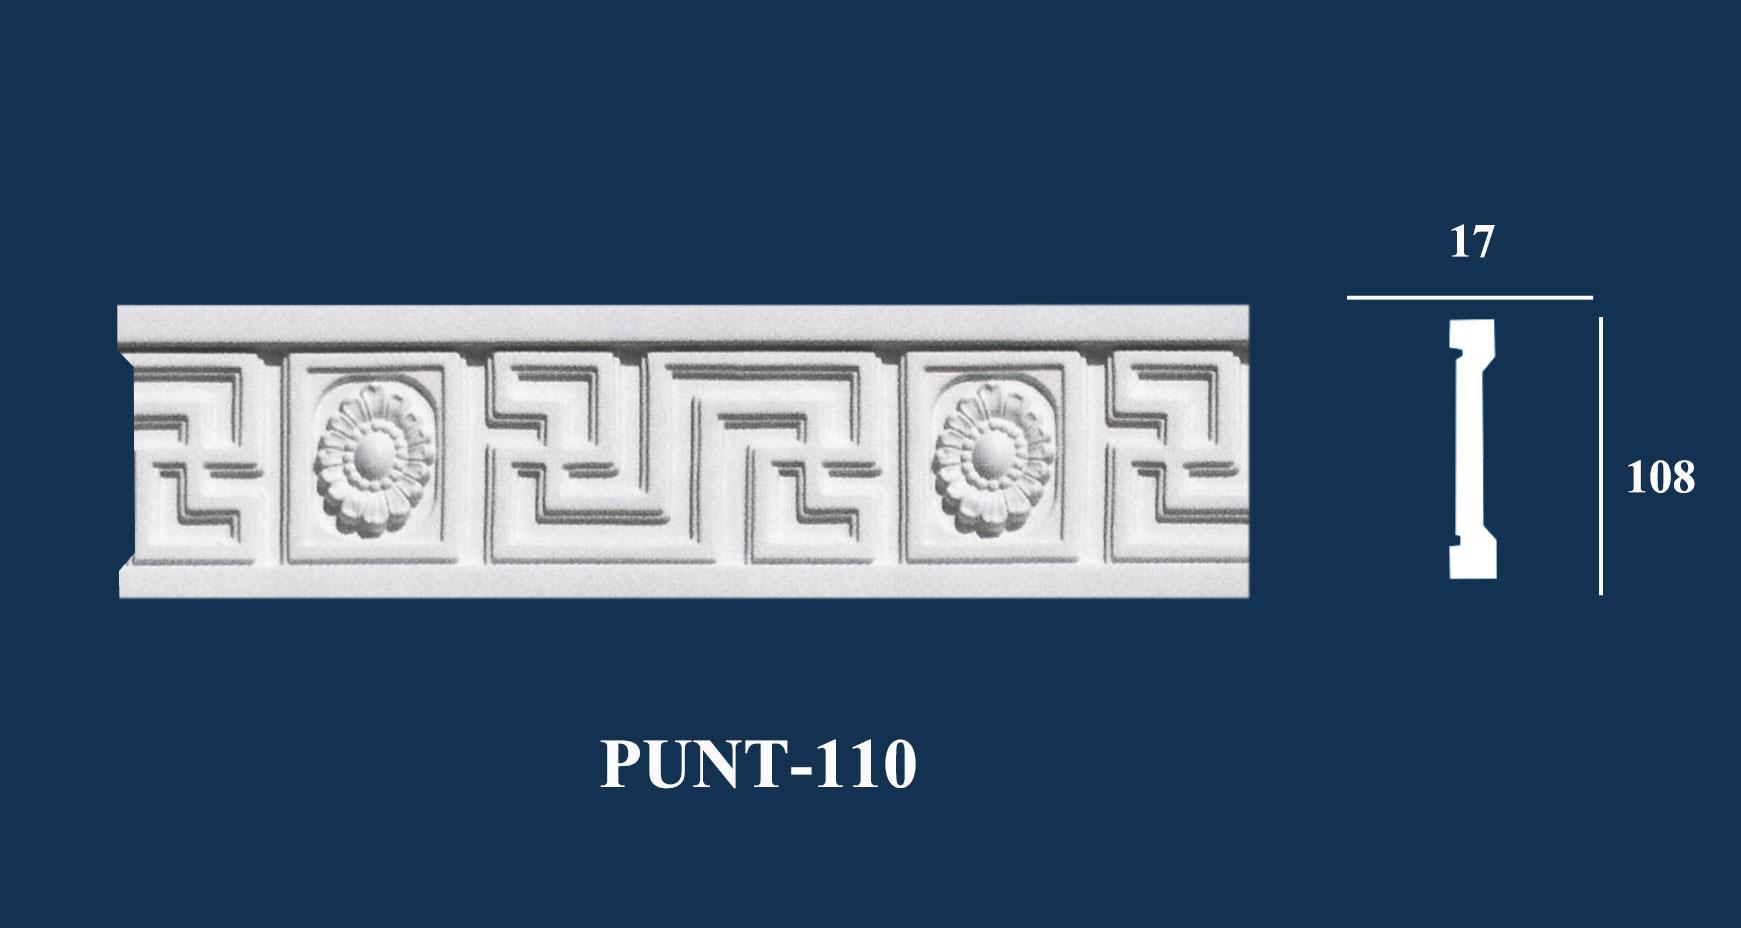 Chỉ Nẹp Hoa Văn Trang Trí - PUNT-108